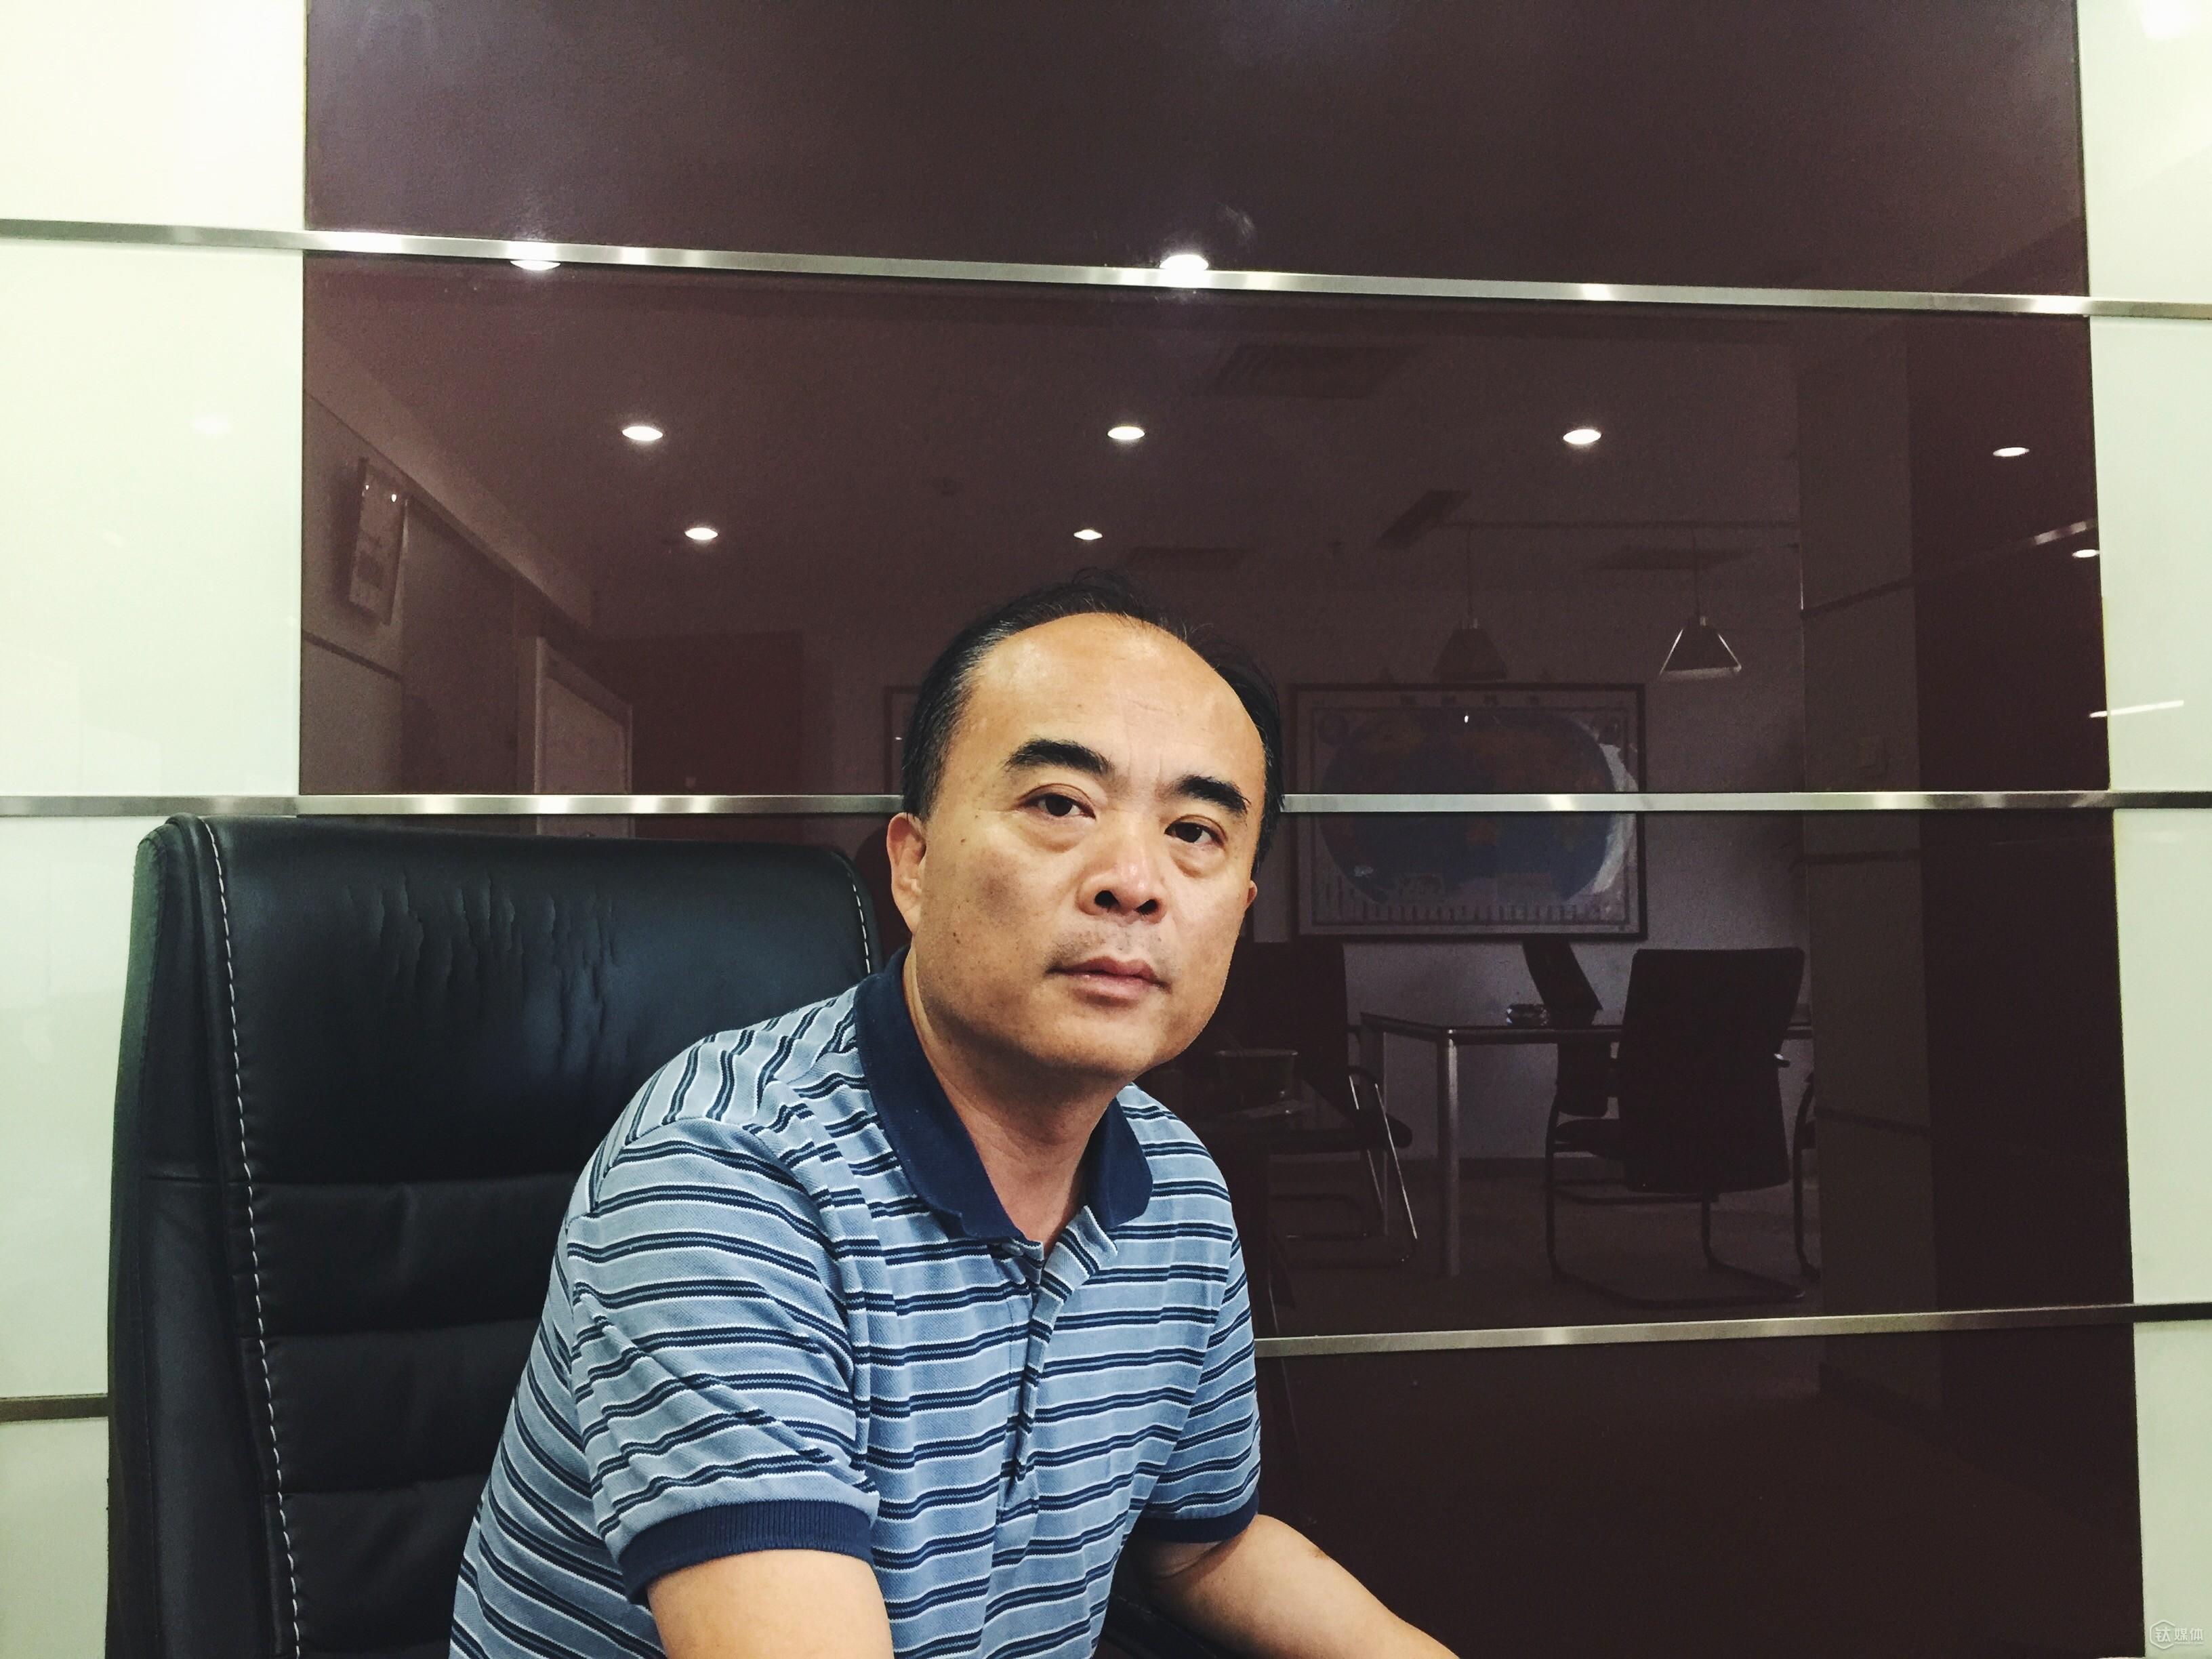 全景视觉 CEO 吕辰